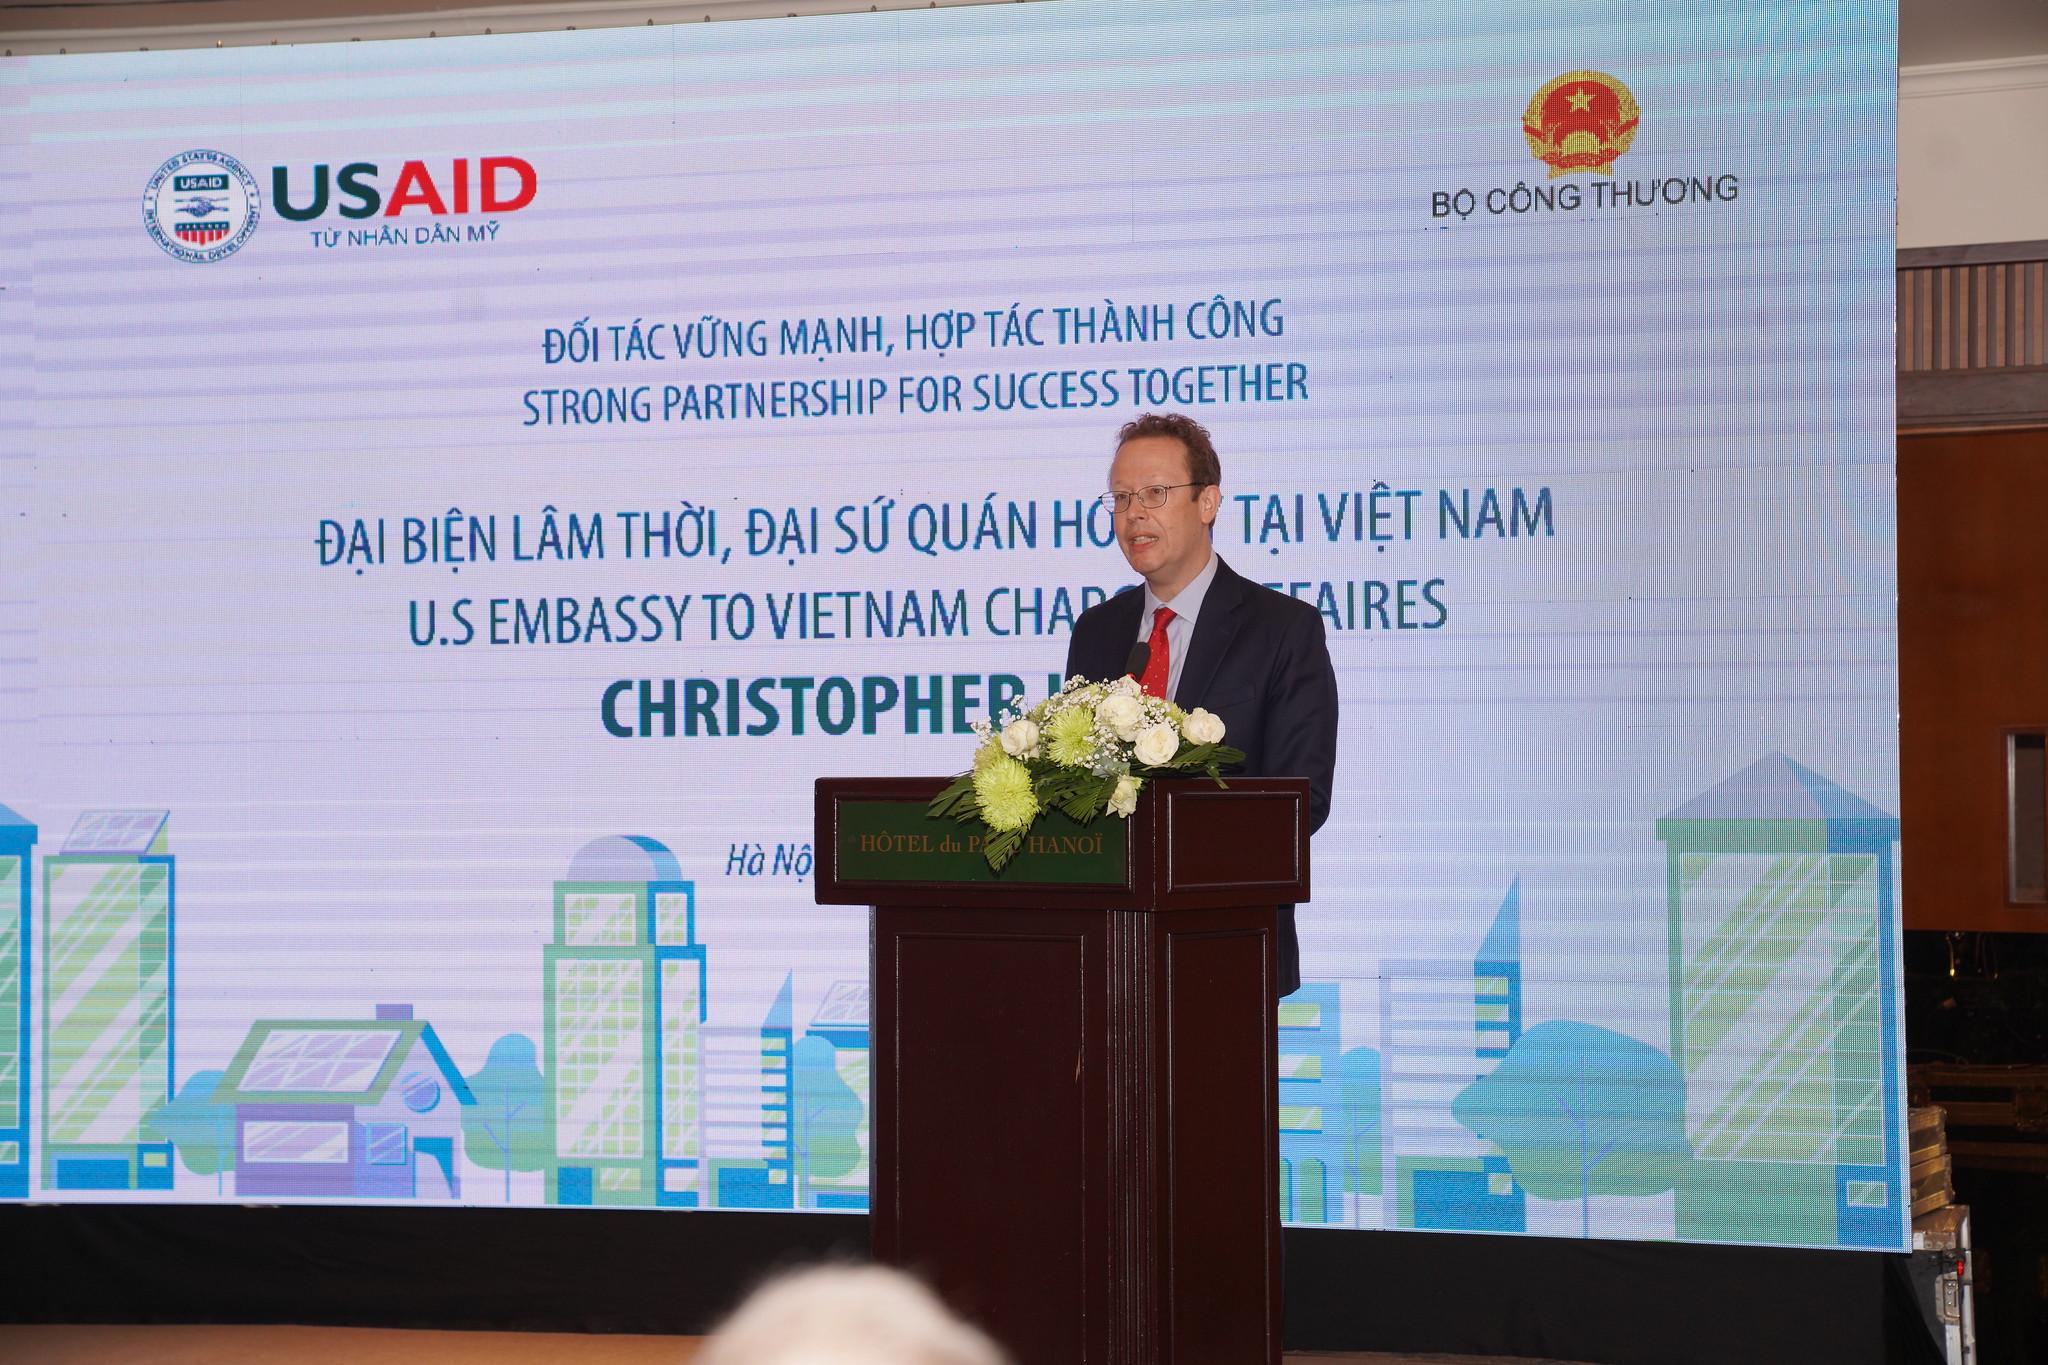 Hoa Kỳ giúp thúc đẩy ngành năng lượng của Việt Nam